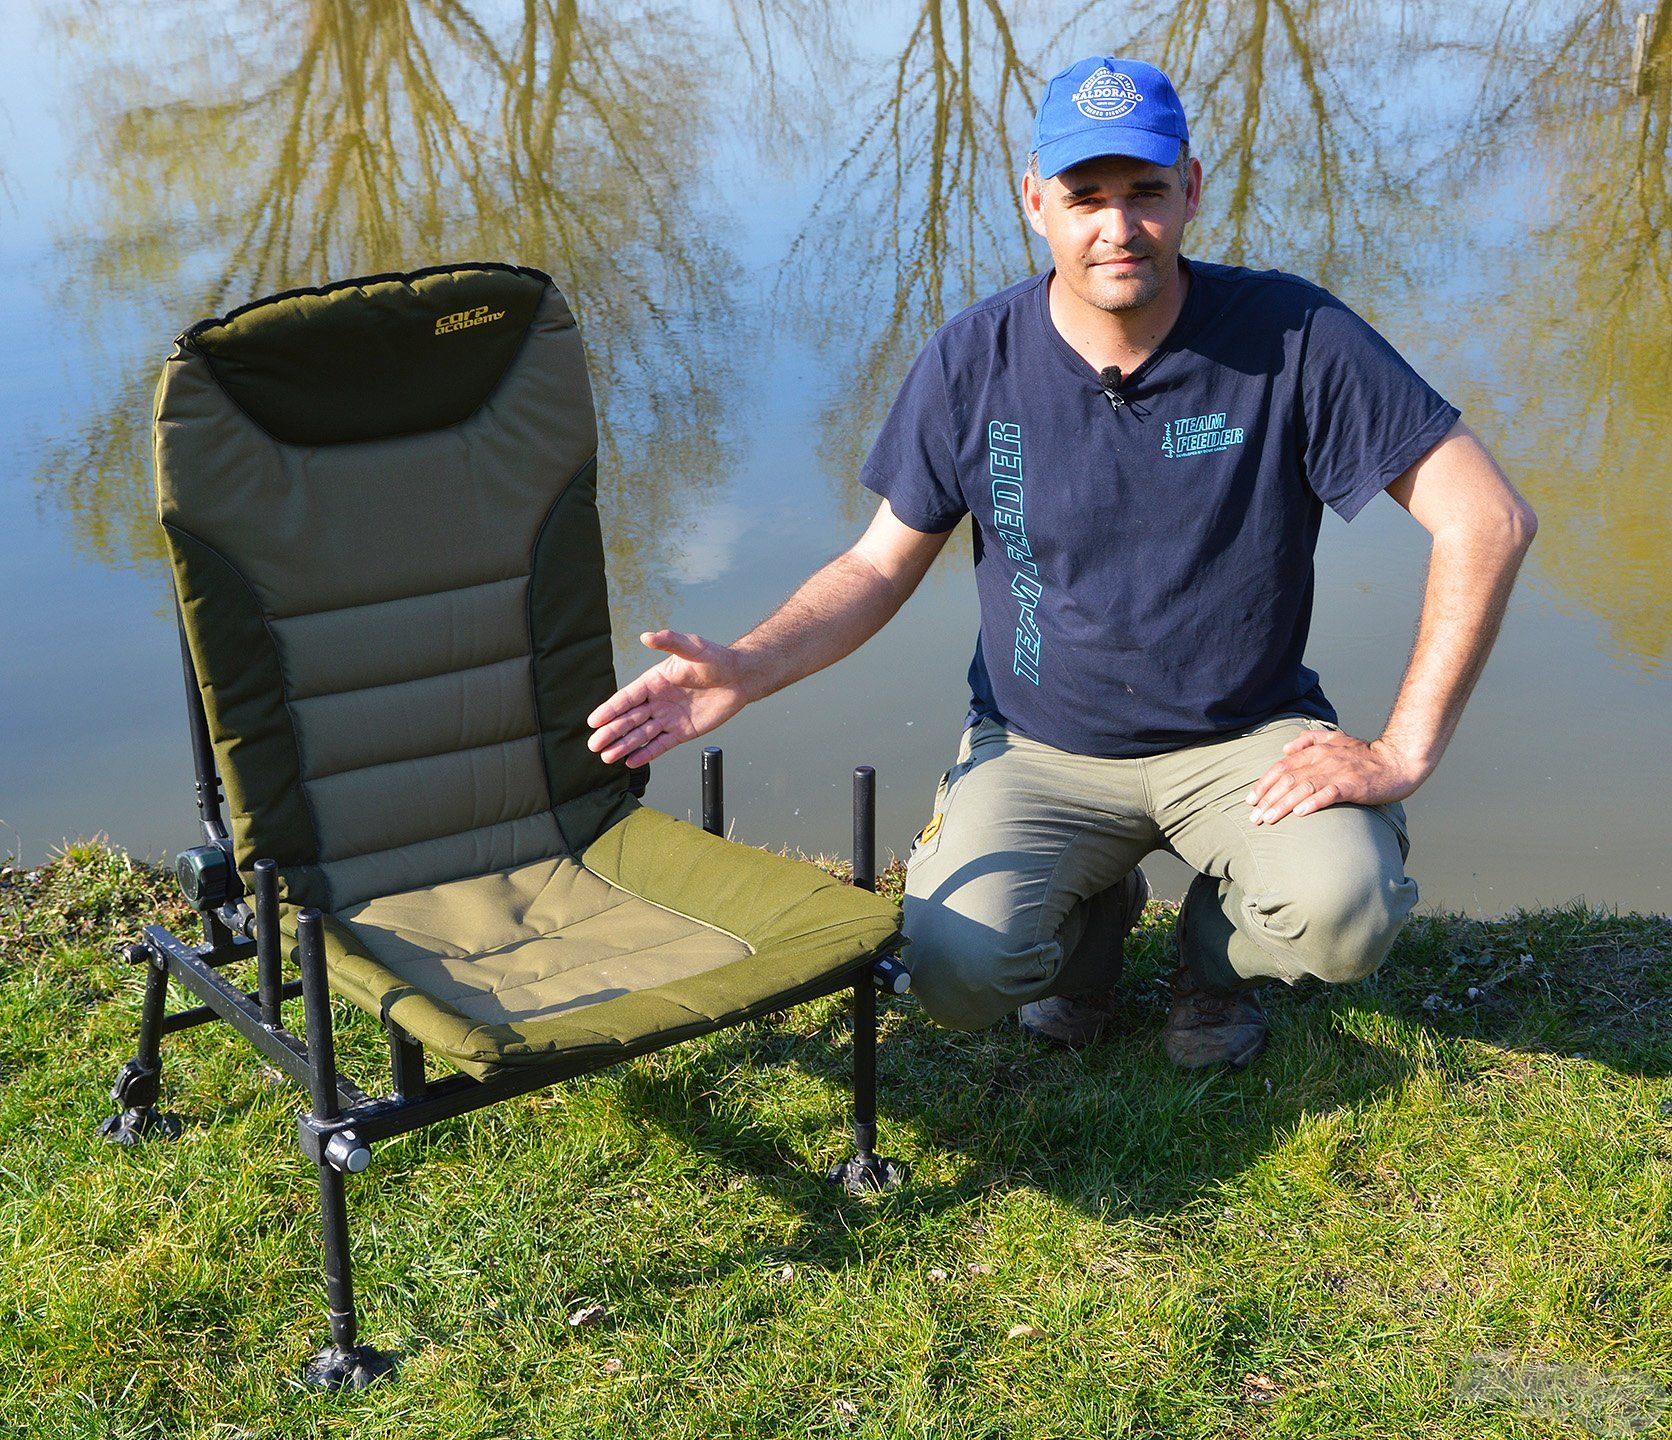 Method feederezéshez a legjobbak azok a háttámlás fotelek, amelyek stabil, állítható lábakkal rendelkeznek